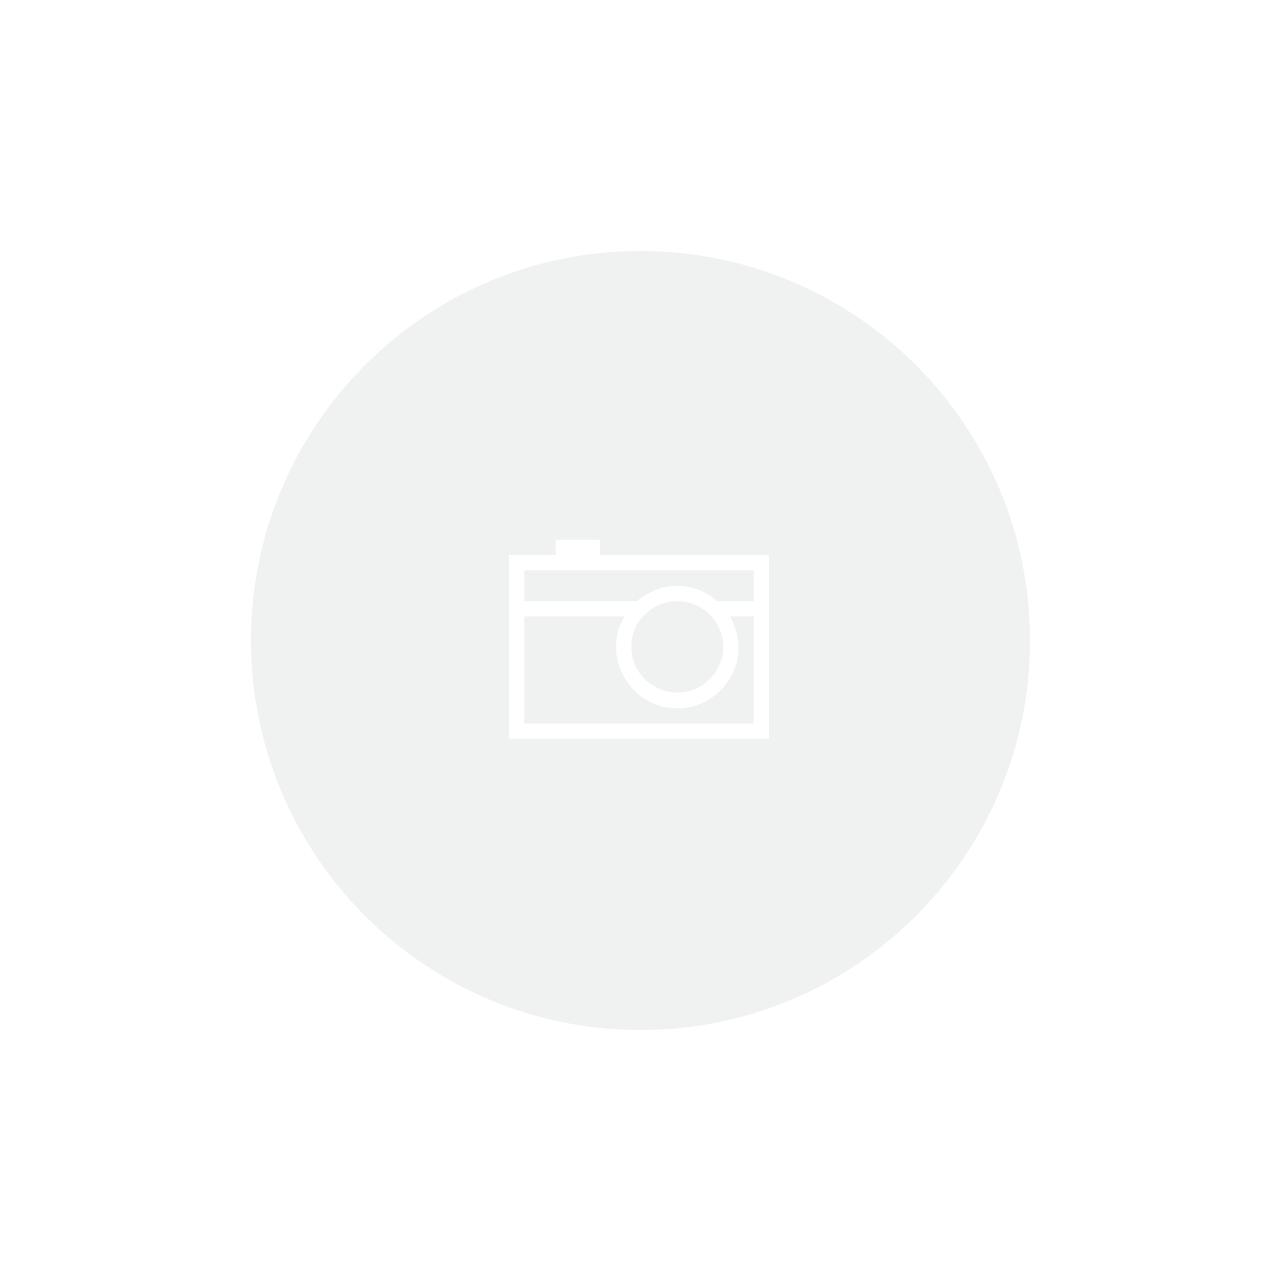 DESENGRAXANTE SOLIFES SUPER BIODEGRADÁVEL (5L) PH 9 A 11